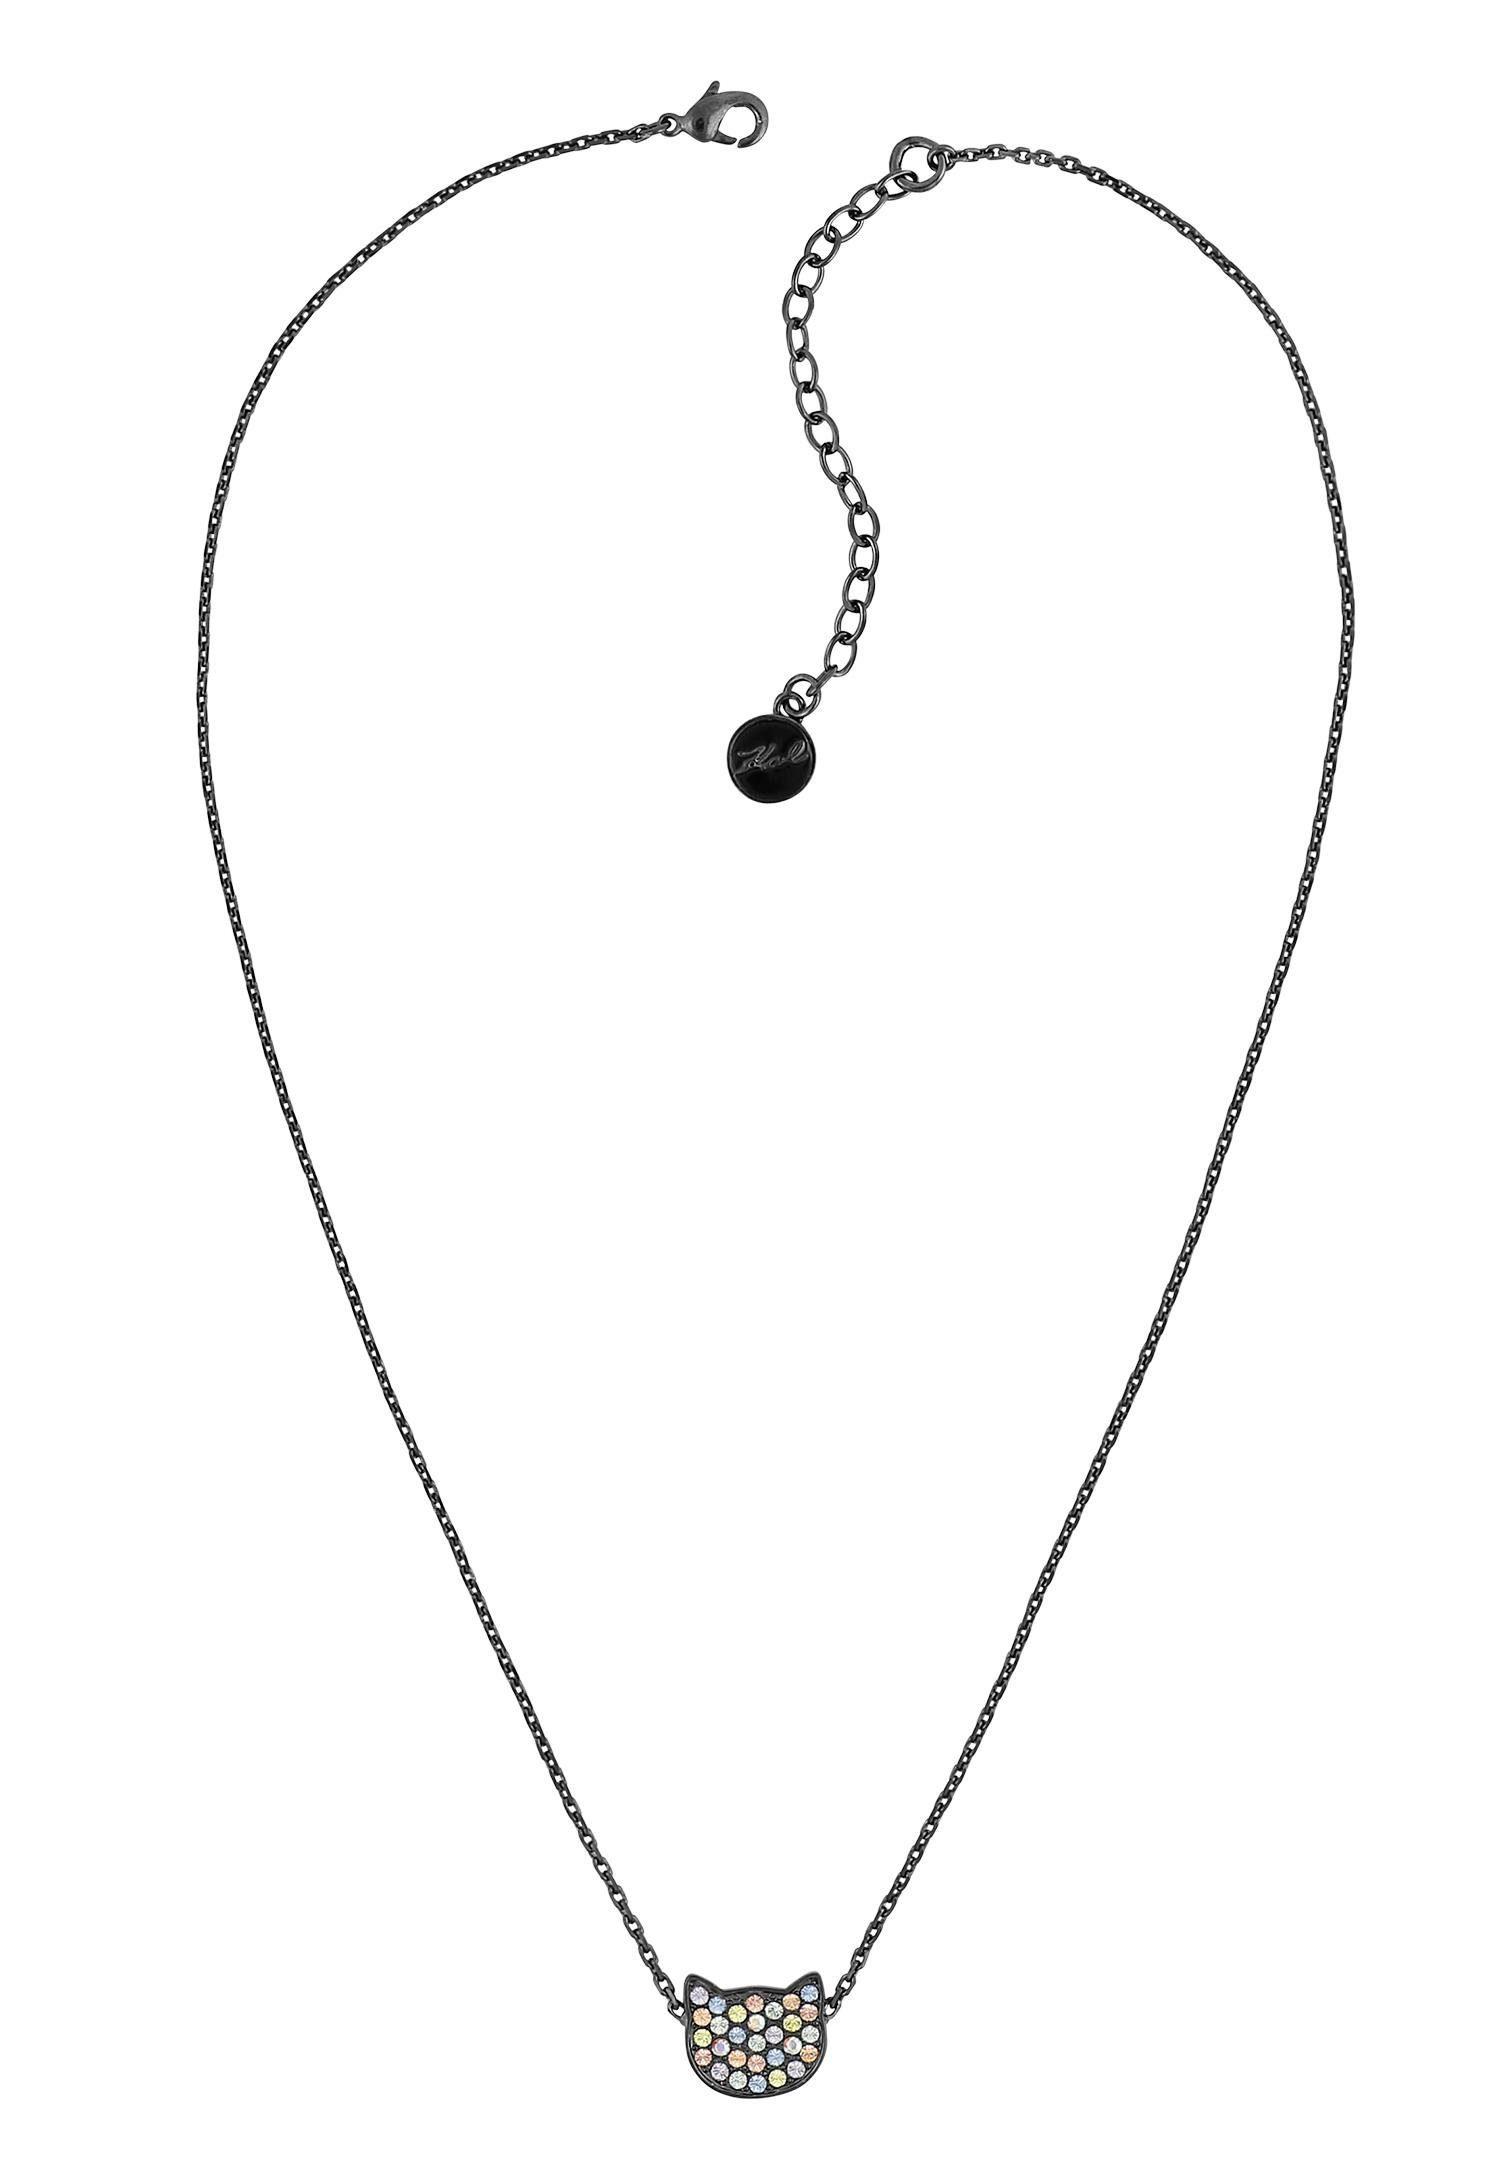 KARL LAGERFELD Kette mit Anhänger »Silhouette Choupette, 5420545« mit Swarovski® Kristallen